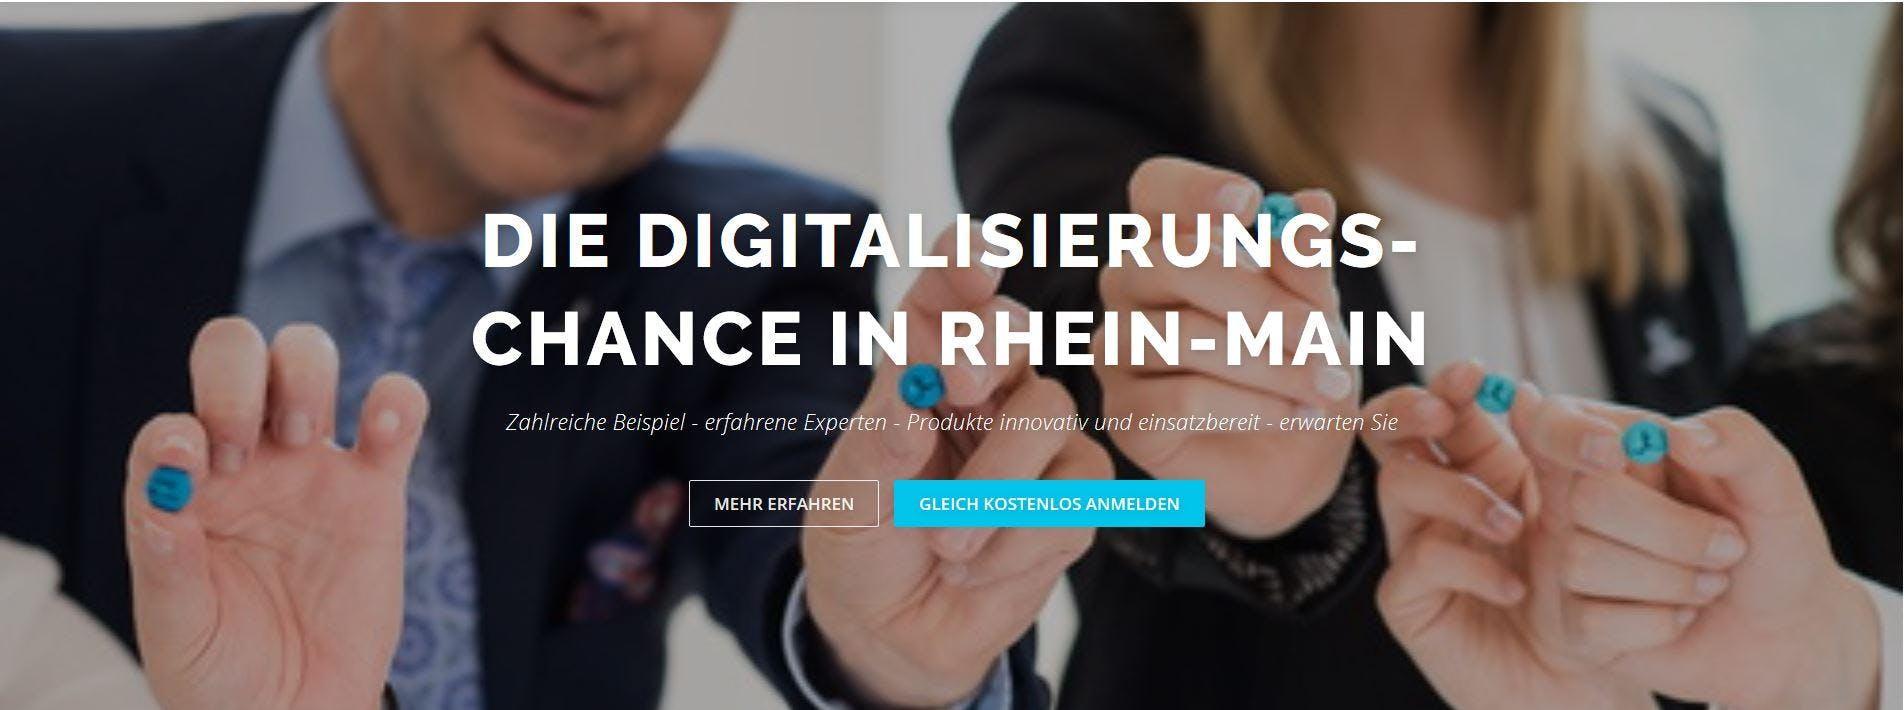 Digitalisierungs-Werkstatt Rhein-Main